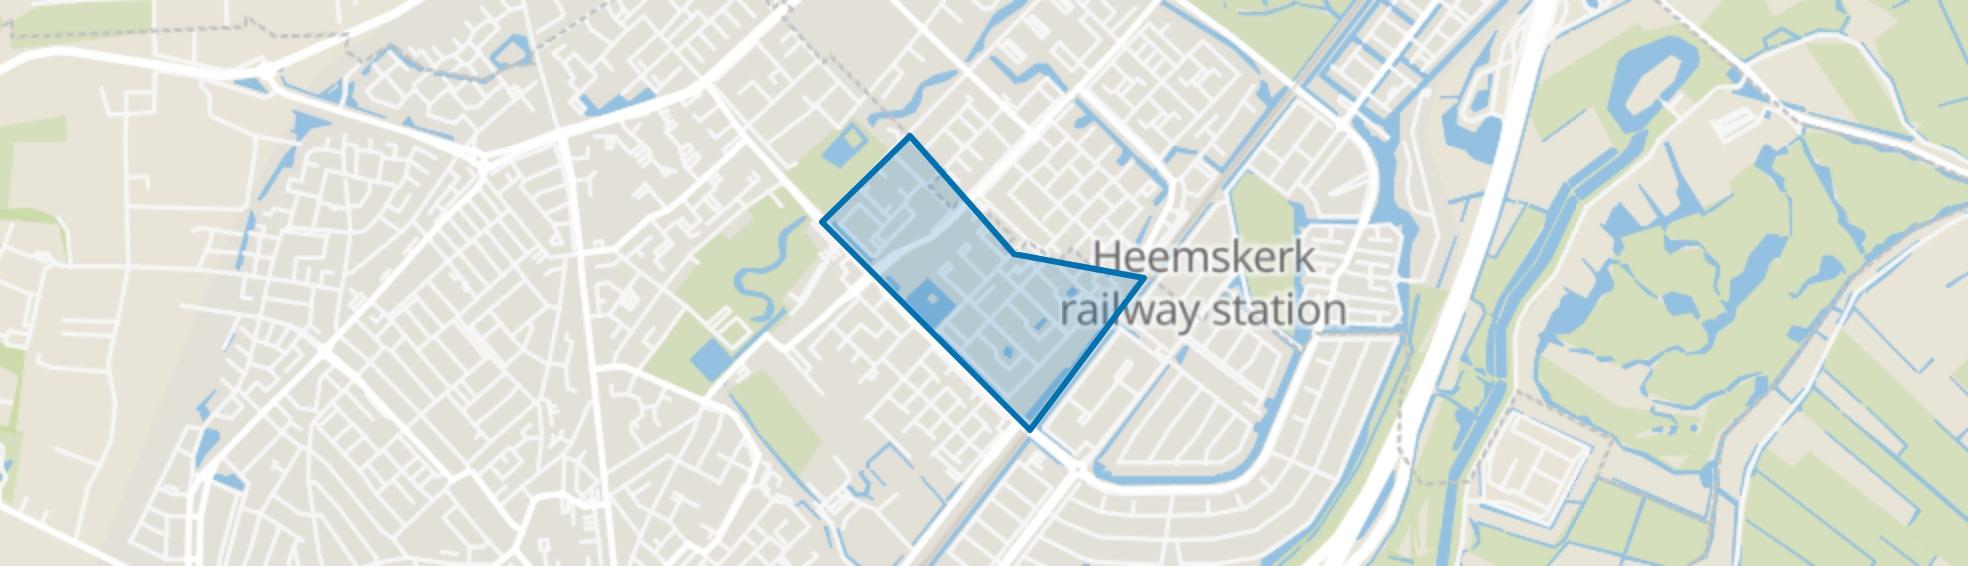 Oosterwijk, Beverwijk map